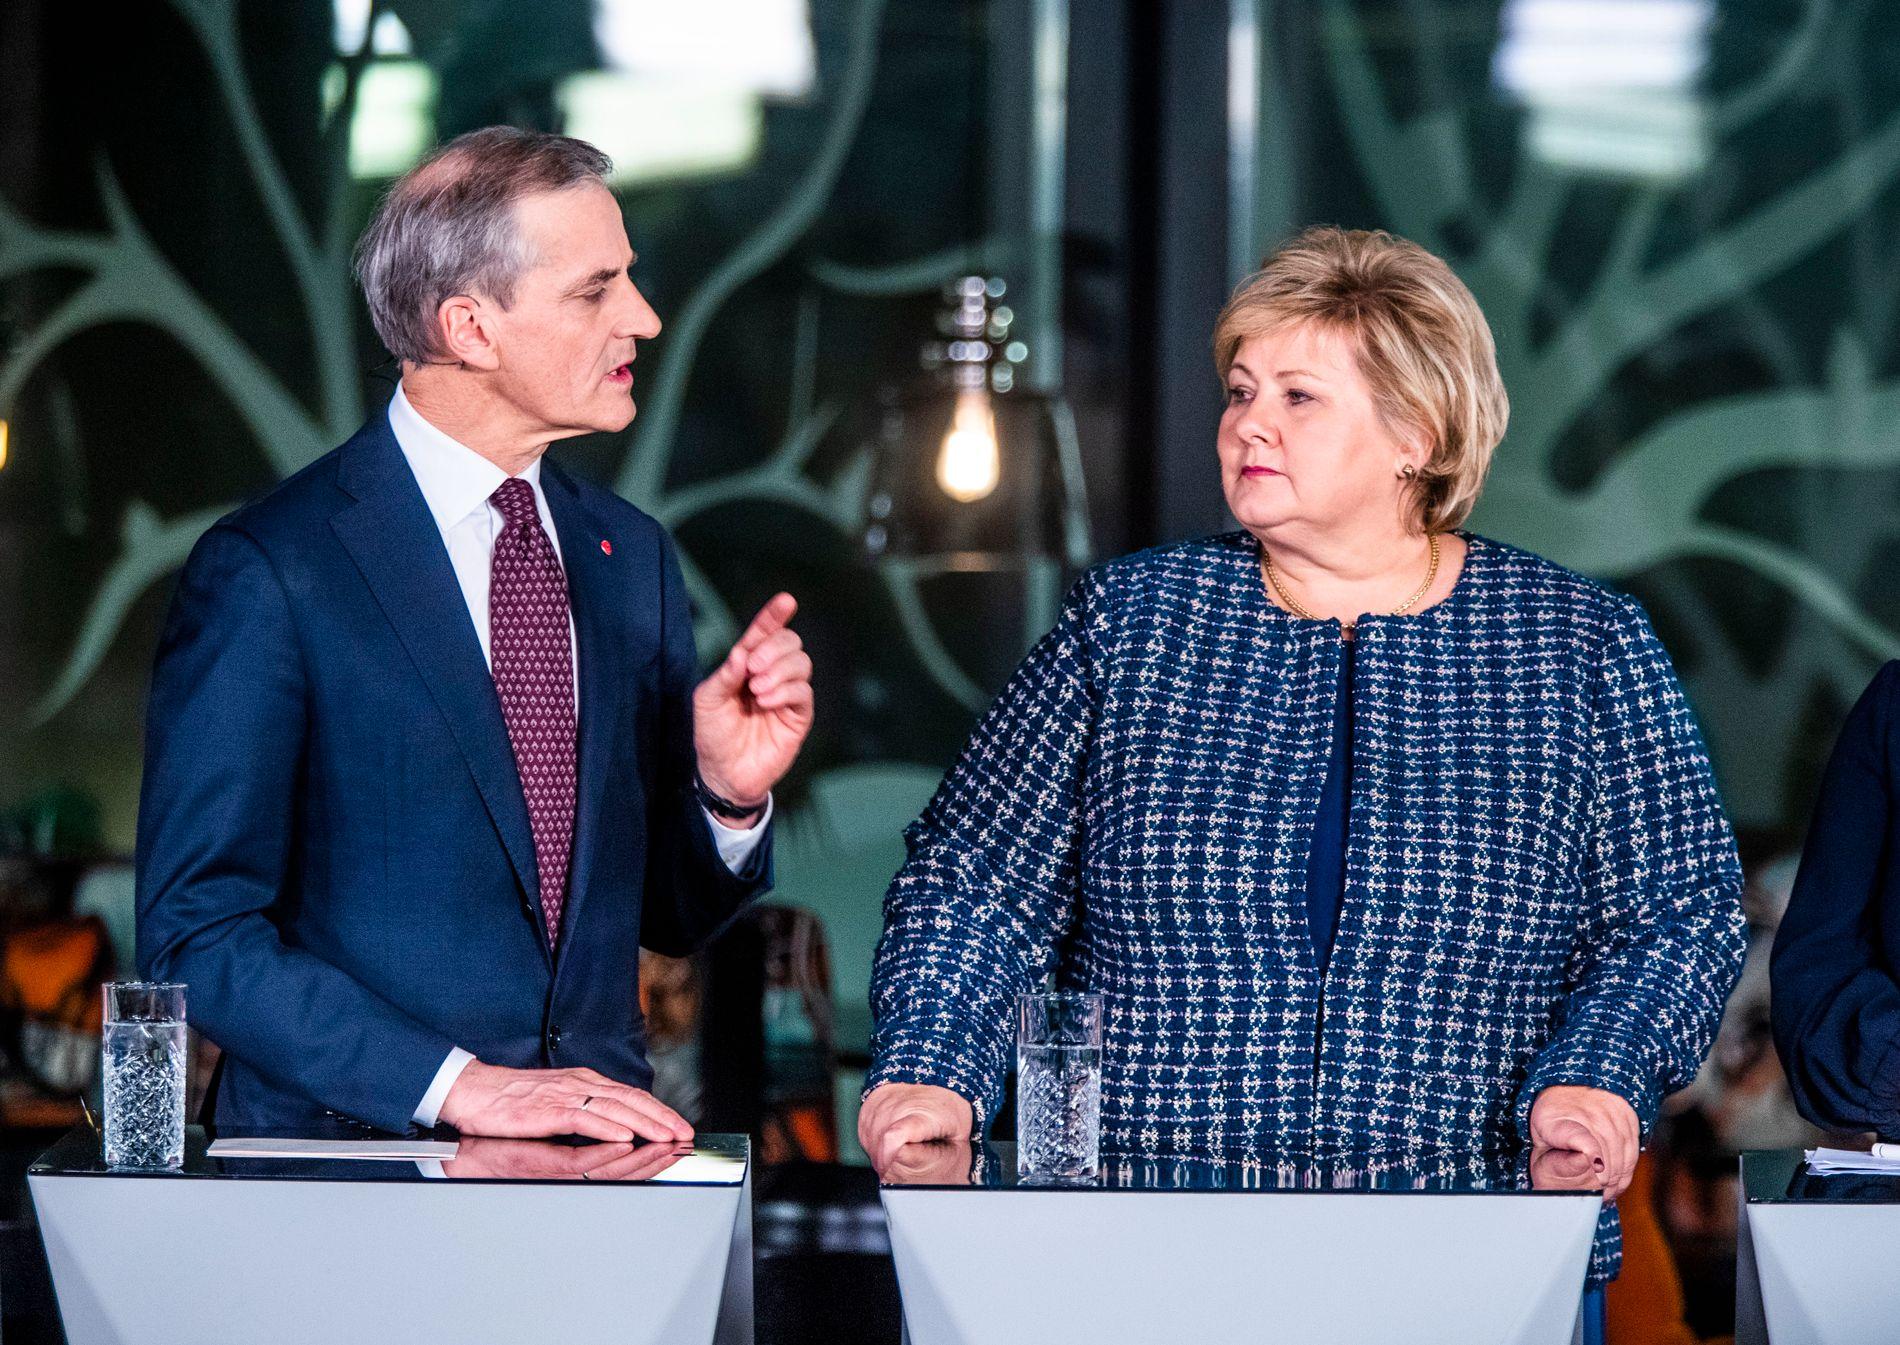 GANSKE ENIGE: Ap-leder Jonas Gahr Støre og statsminister Erna Solberg under en debatt i januar i år.